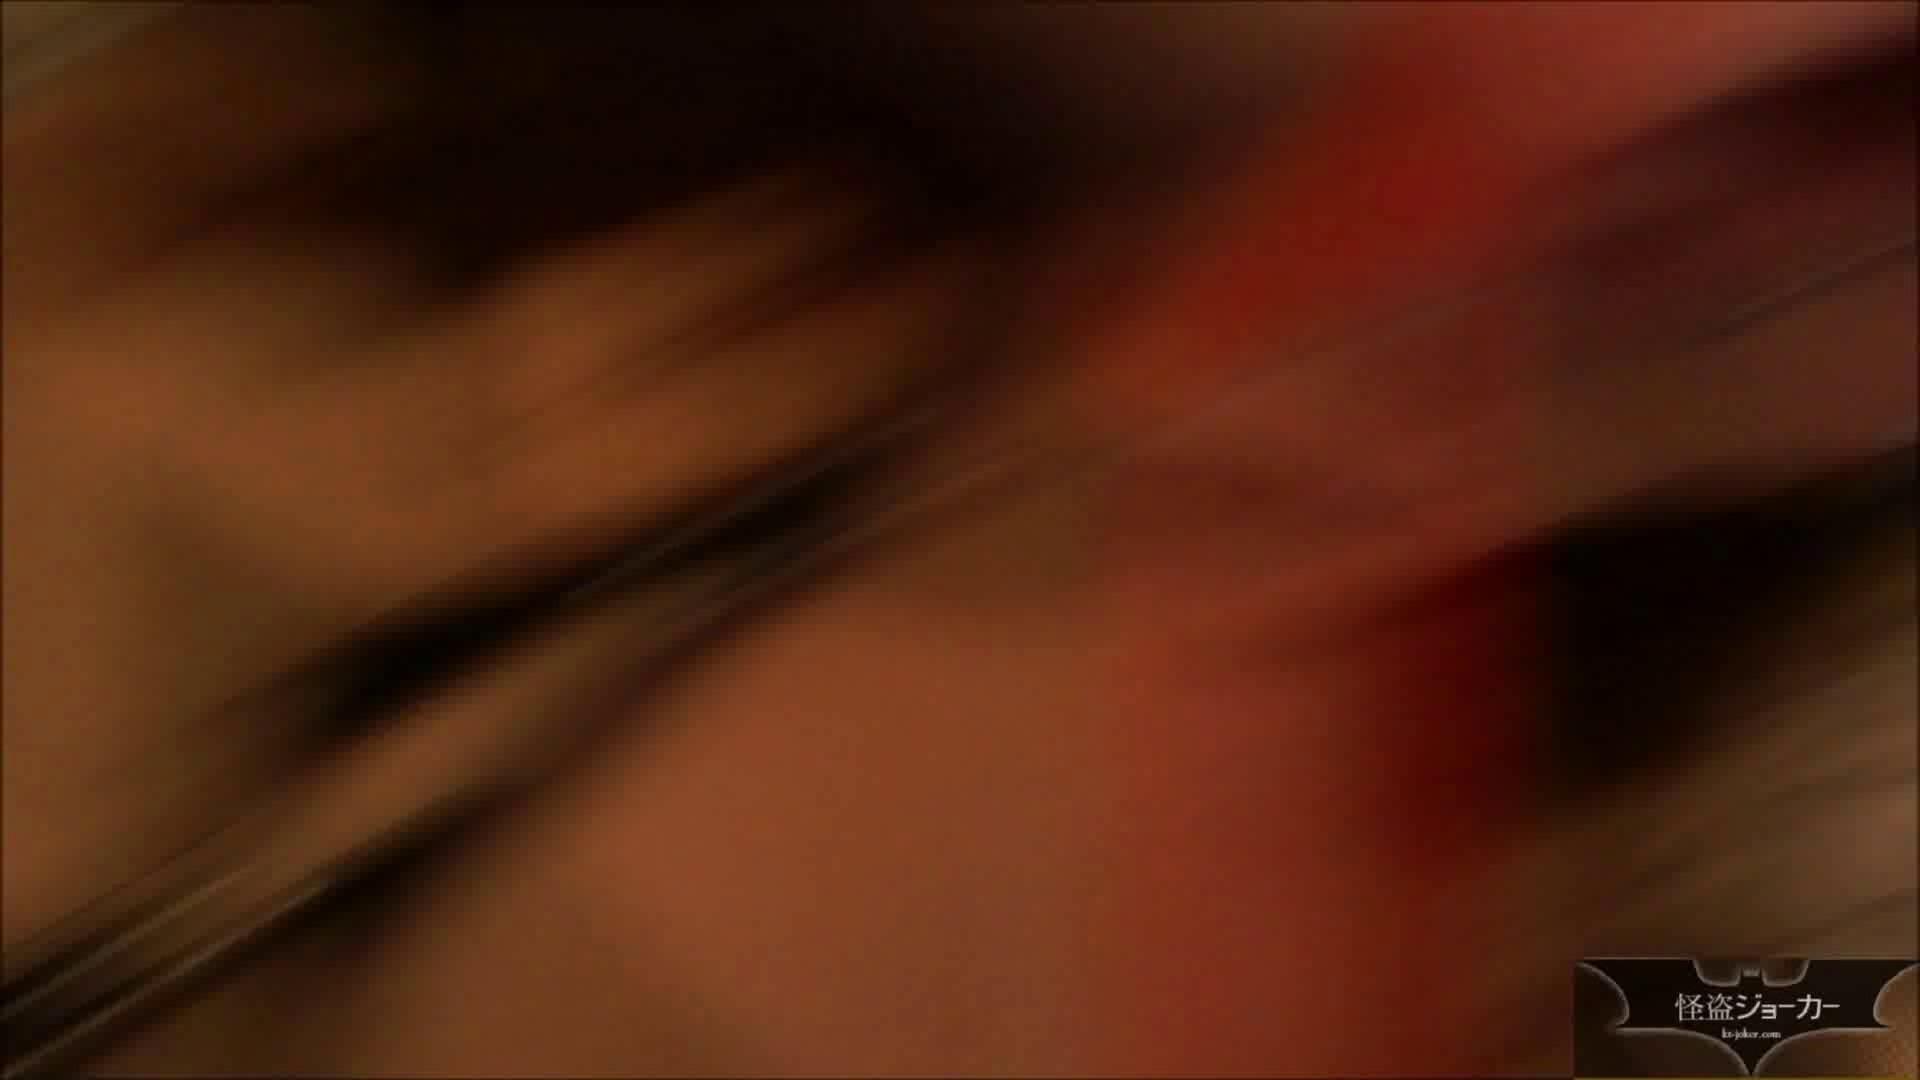 【未公開】vol.25 ユリナ、寝取られのアト。実はその前に・・・ 高画質 オメコ無修正動画無料 76枚 59